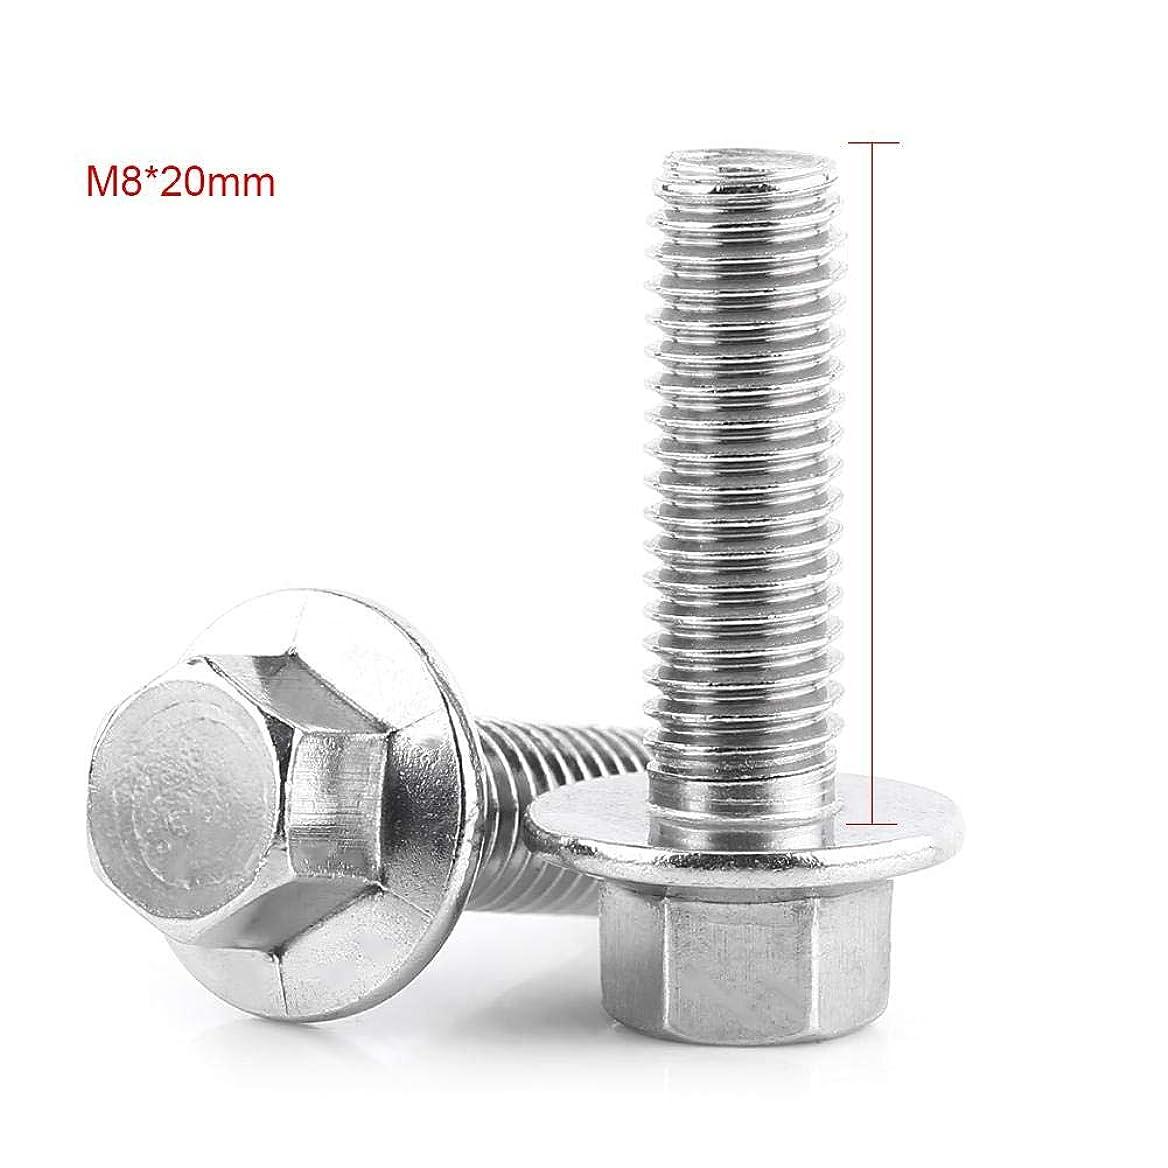 湿気の多いデッドロックカジュアル信頼性の高いハードウェア10個M8ステンレス鋼SS304六角ドライブフランジネジキャップヘッドワッシャーボルト(M8*20)